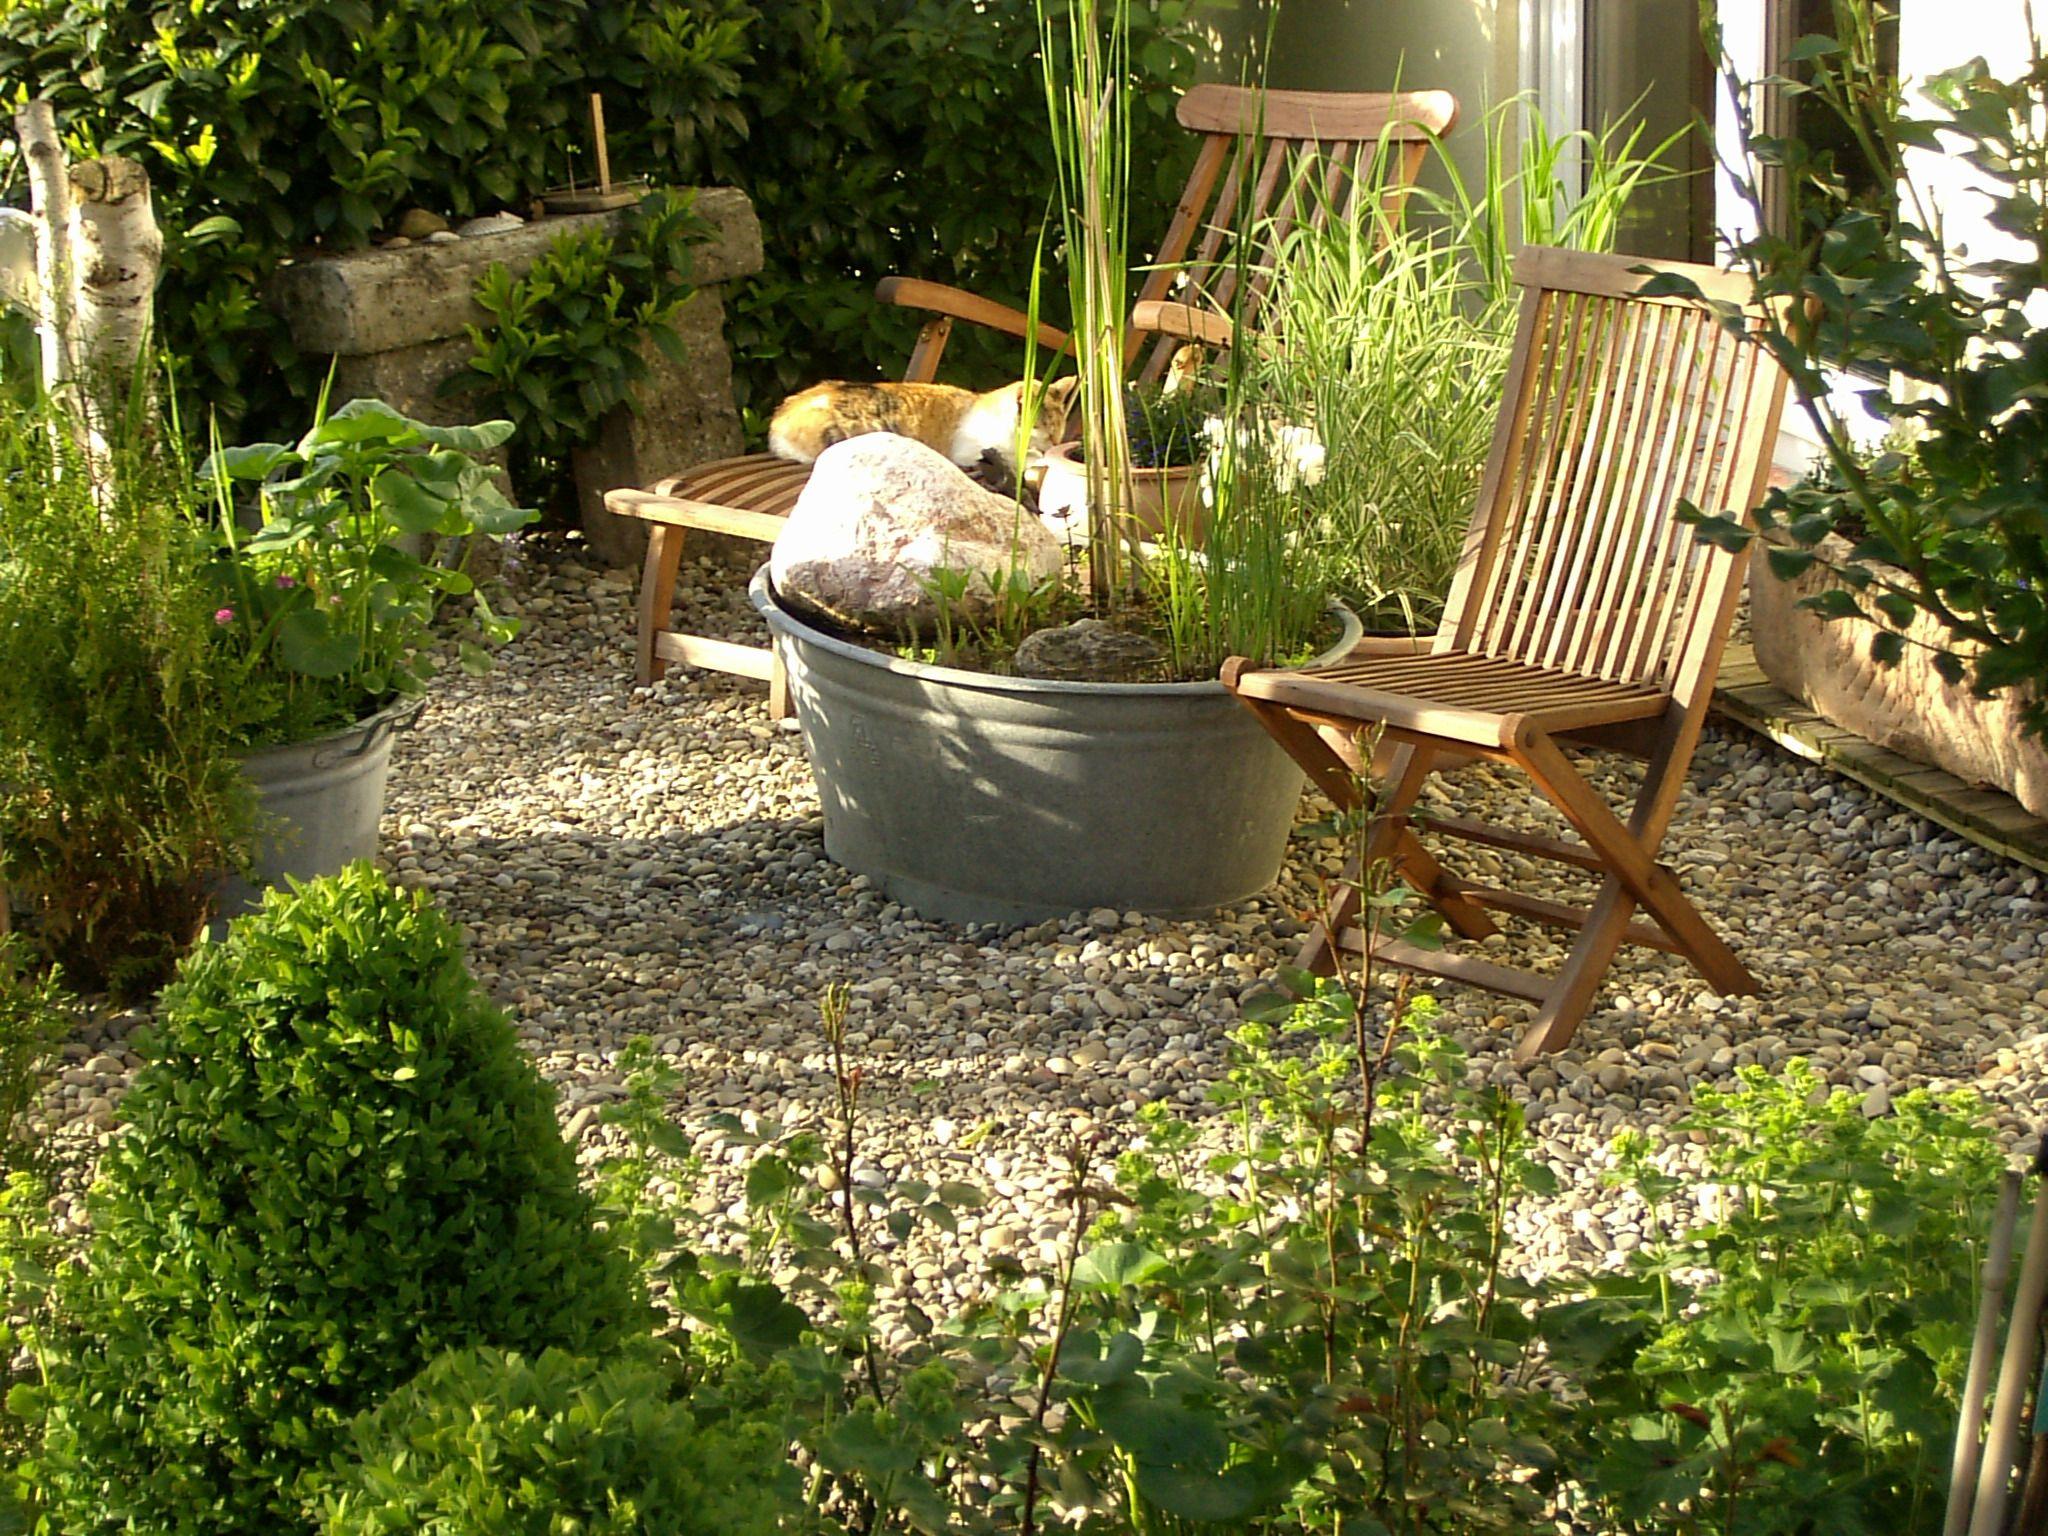 Full Size of Sitzplatz April Sitzecken Sauna Trennwand Schaukel Für Pergola Rattan Sofa Sitzbank Jacuzzi Holzhaus Kind Spielanlage Relaxsessel Lounge Möbel Kletterturm Wohnzimmer Sitzplatz Garten